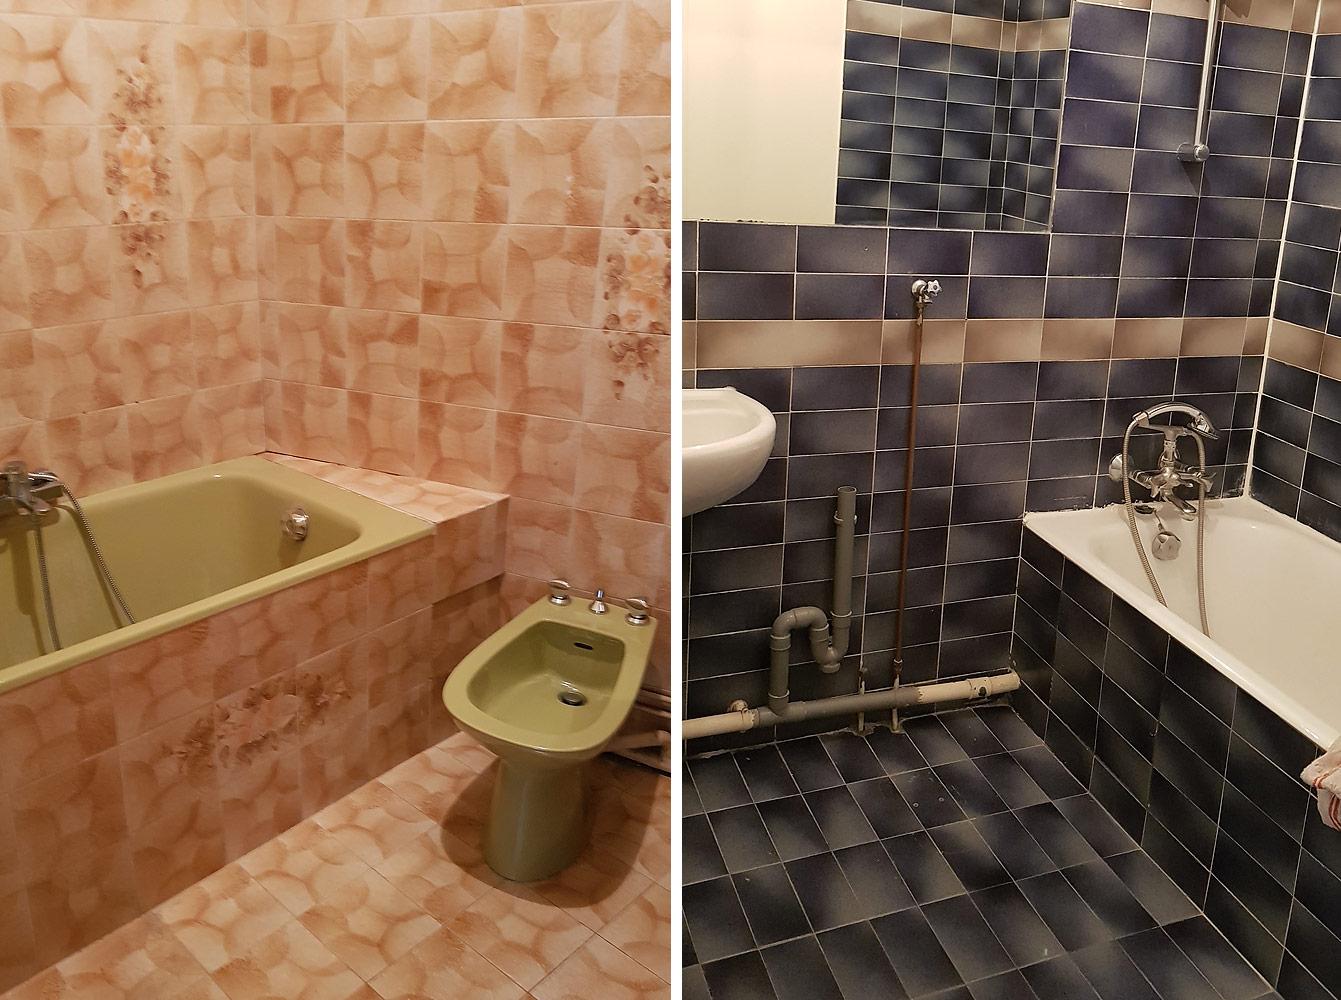 Recherche d'appartement à Paris : salles de bain dépassées...